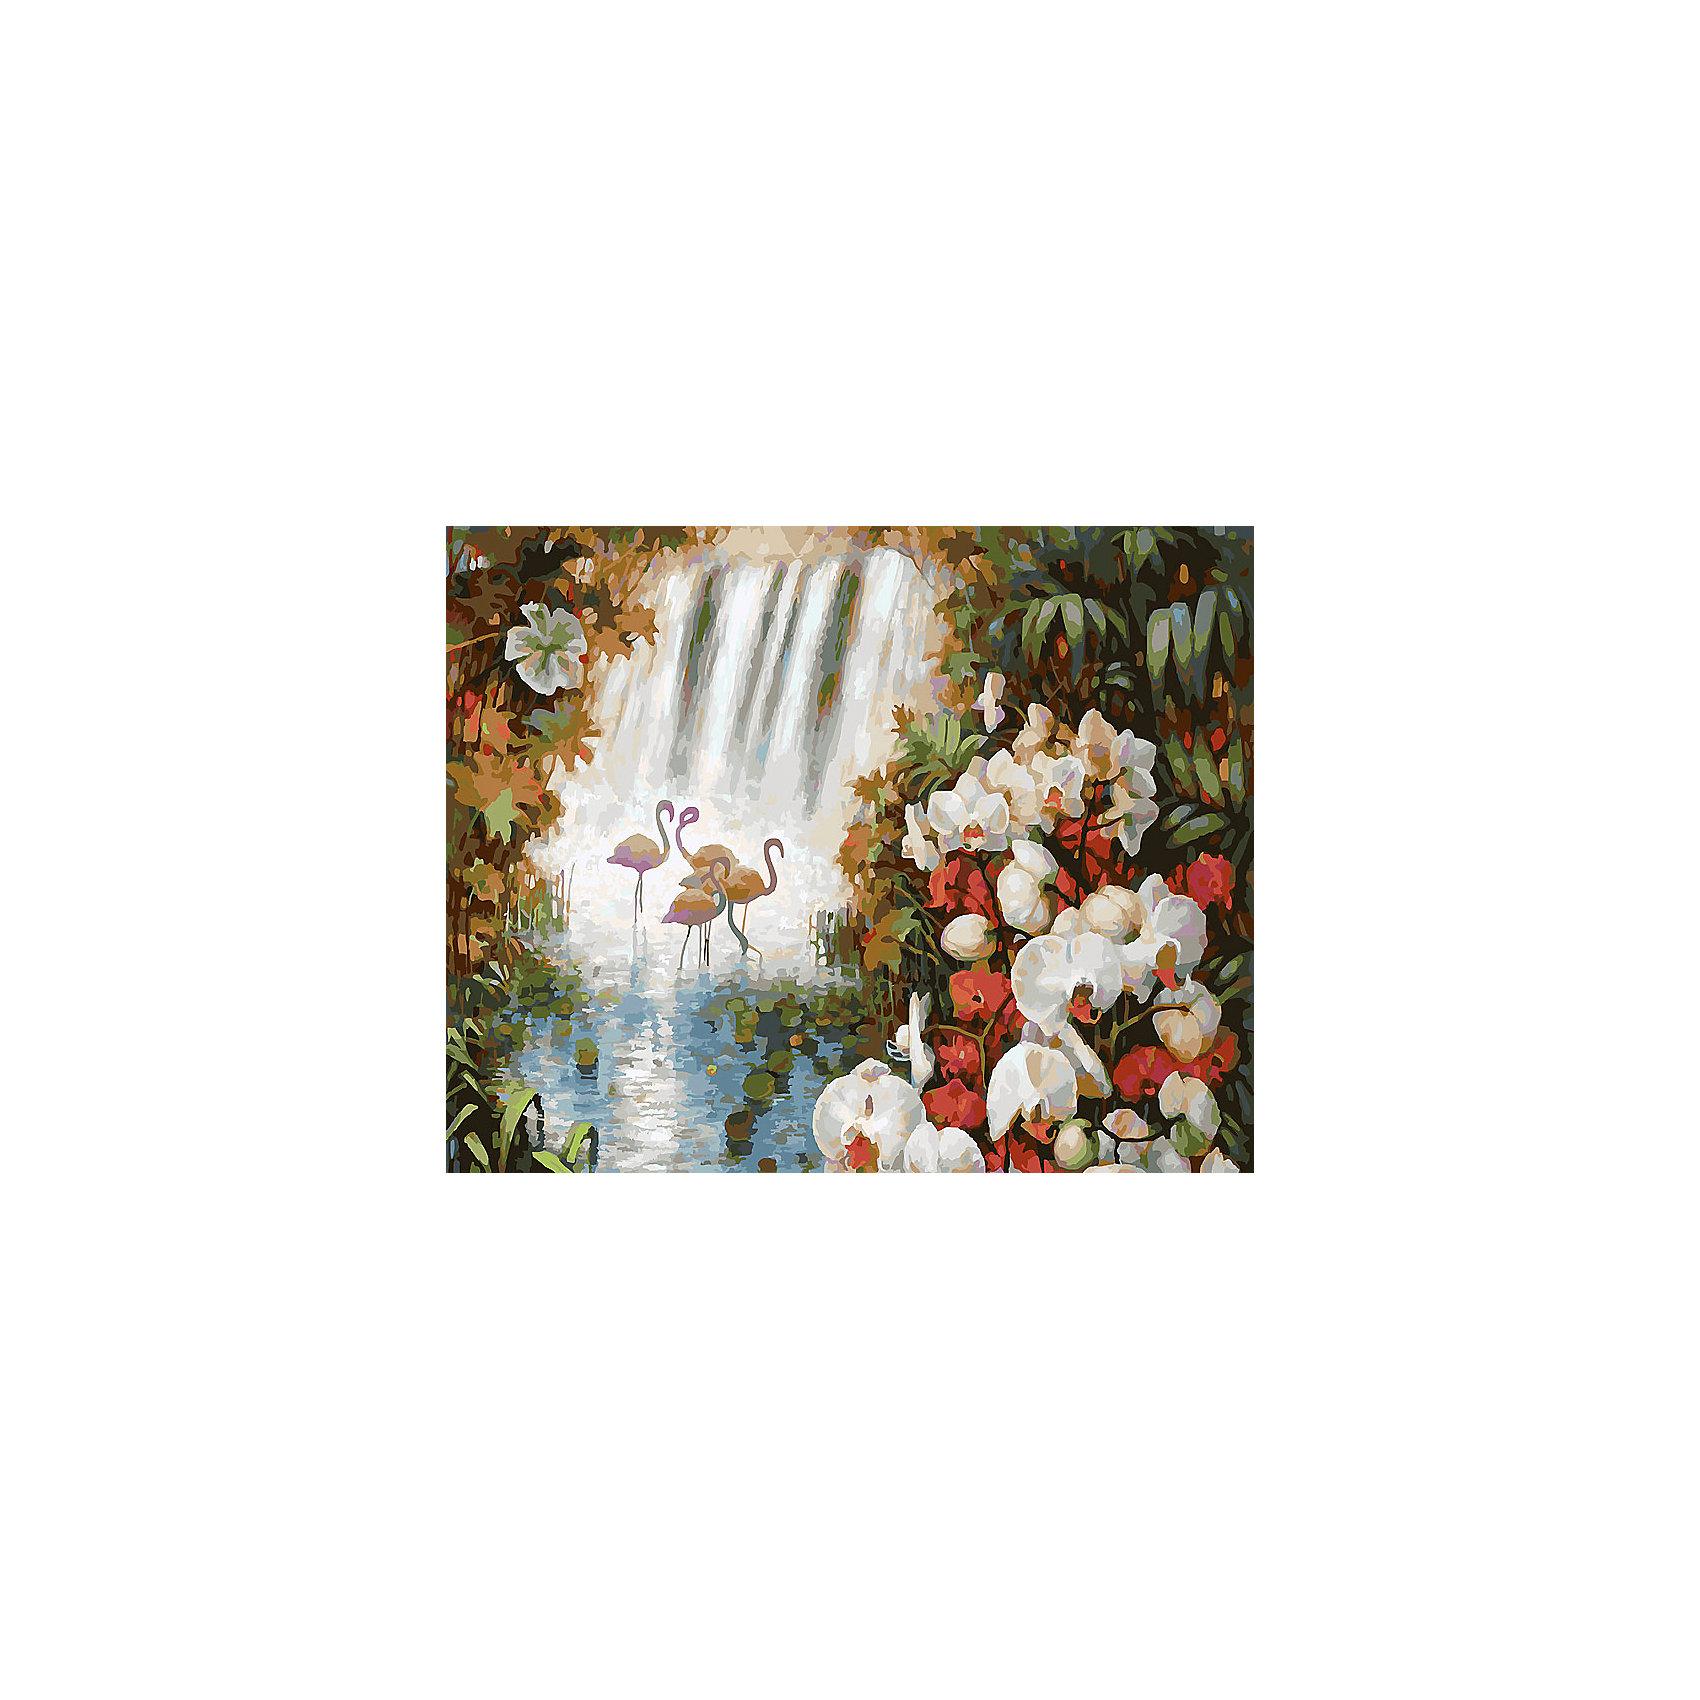 Живопись на холсте Райский сад, 40*50 смЖивопись на холсте Райский сад, 40*50 см<br><br>Характеристики:<br><br>• Вес: 850<br>• Размер: 40х50<br>• Краски: акриловые, быстросохнущие<br>• Количество цветов: 38<br>• В наборе: холст на подрамнике, настенное крепление, контрольный лист с рисунком, 38 красок, 3 кисти<br><br>Данный набор позволит любому человеку ощутить себя профессиональным художником. В комплект входит холст с нанесенным на него рисунком по номерам, акриловые краски на водной основе, специальный контрольный лист, предотвращающий ошибки и 3 удобные кисти разных размеров. <br><br>Рисовать на холсте очень удобно, а благодаря номерам на картине и баночках с краской - это совсем просто. Цвета ложатся ровным слоем, перекрывая нанесенный рисунок. Если вы боитесь, что где-то ошиблись – приложите контрольный лист, который полностью повторяет схему. Акриловые краски совершенно безопасны и не имеют запаха. А благодаря настенному креплению вы сможете повесить готовую работу.<br><br>Живопись на холсте Райский сад, 40*50 см можно купить в нашем интернет-магазине.<br><br>Ширина мм: 510<br>Глубина мм: 410<br>Высота мм: 250<br>Вес г: 850<br>Возраст от месяцев: 72<br>Возраст до месяцев: 2147483647<br>Пол: Унисекс<br>Возраст: Детский<br>SKU: 5500419